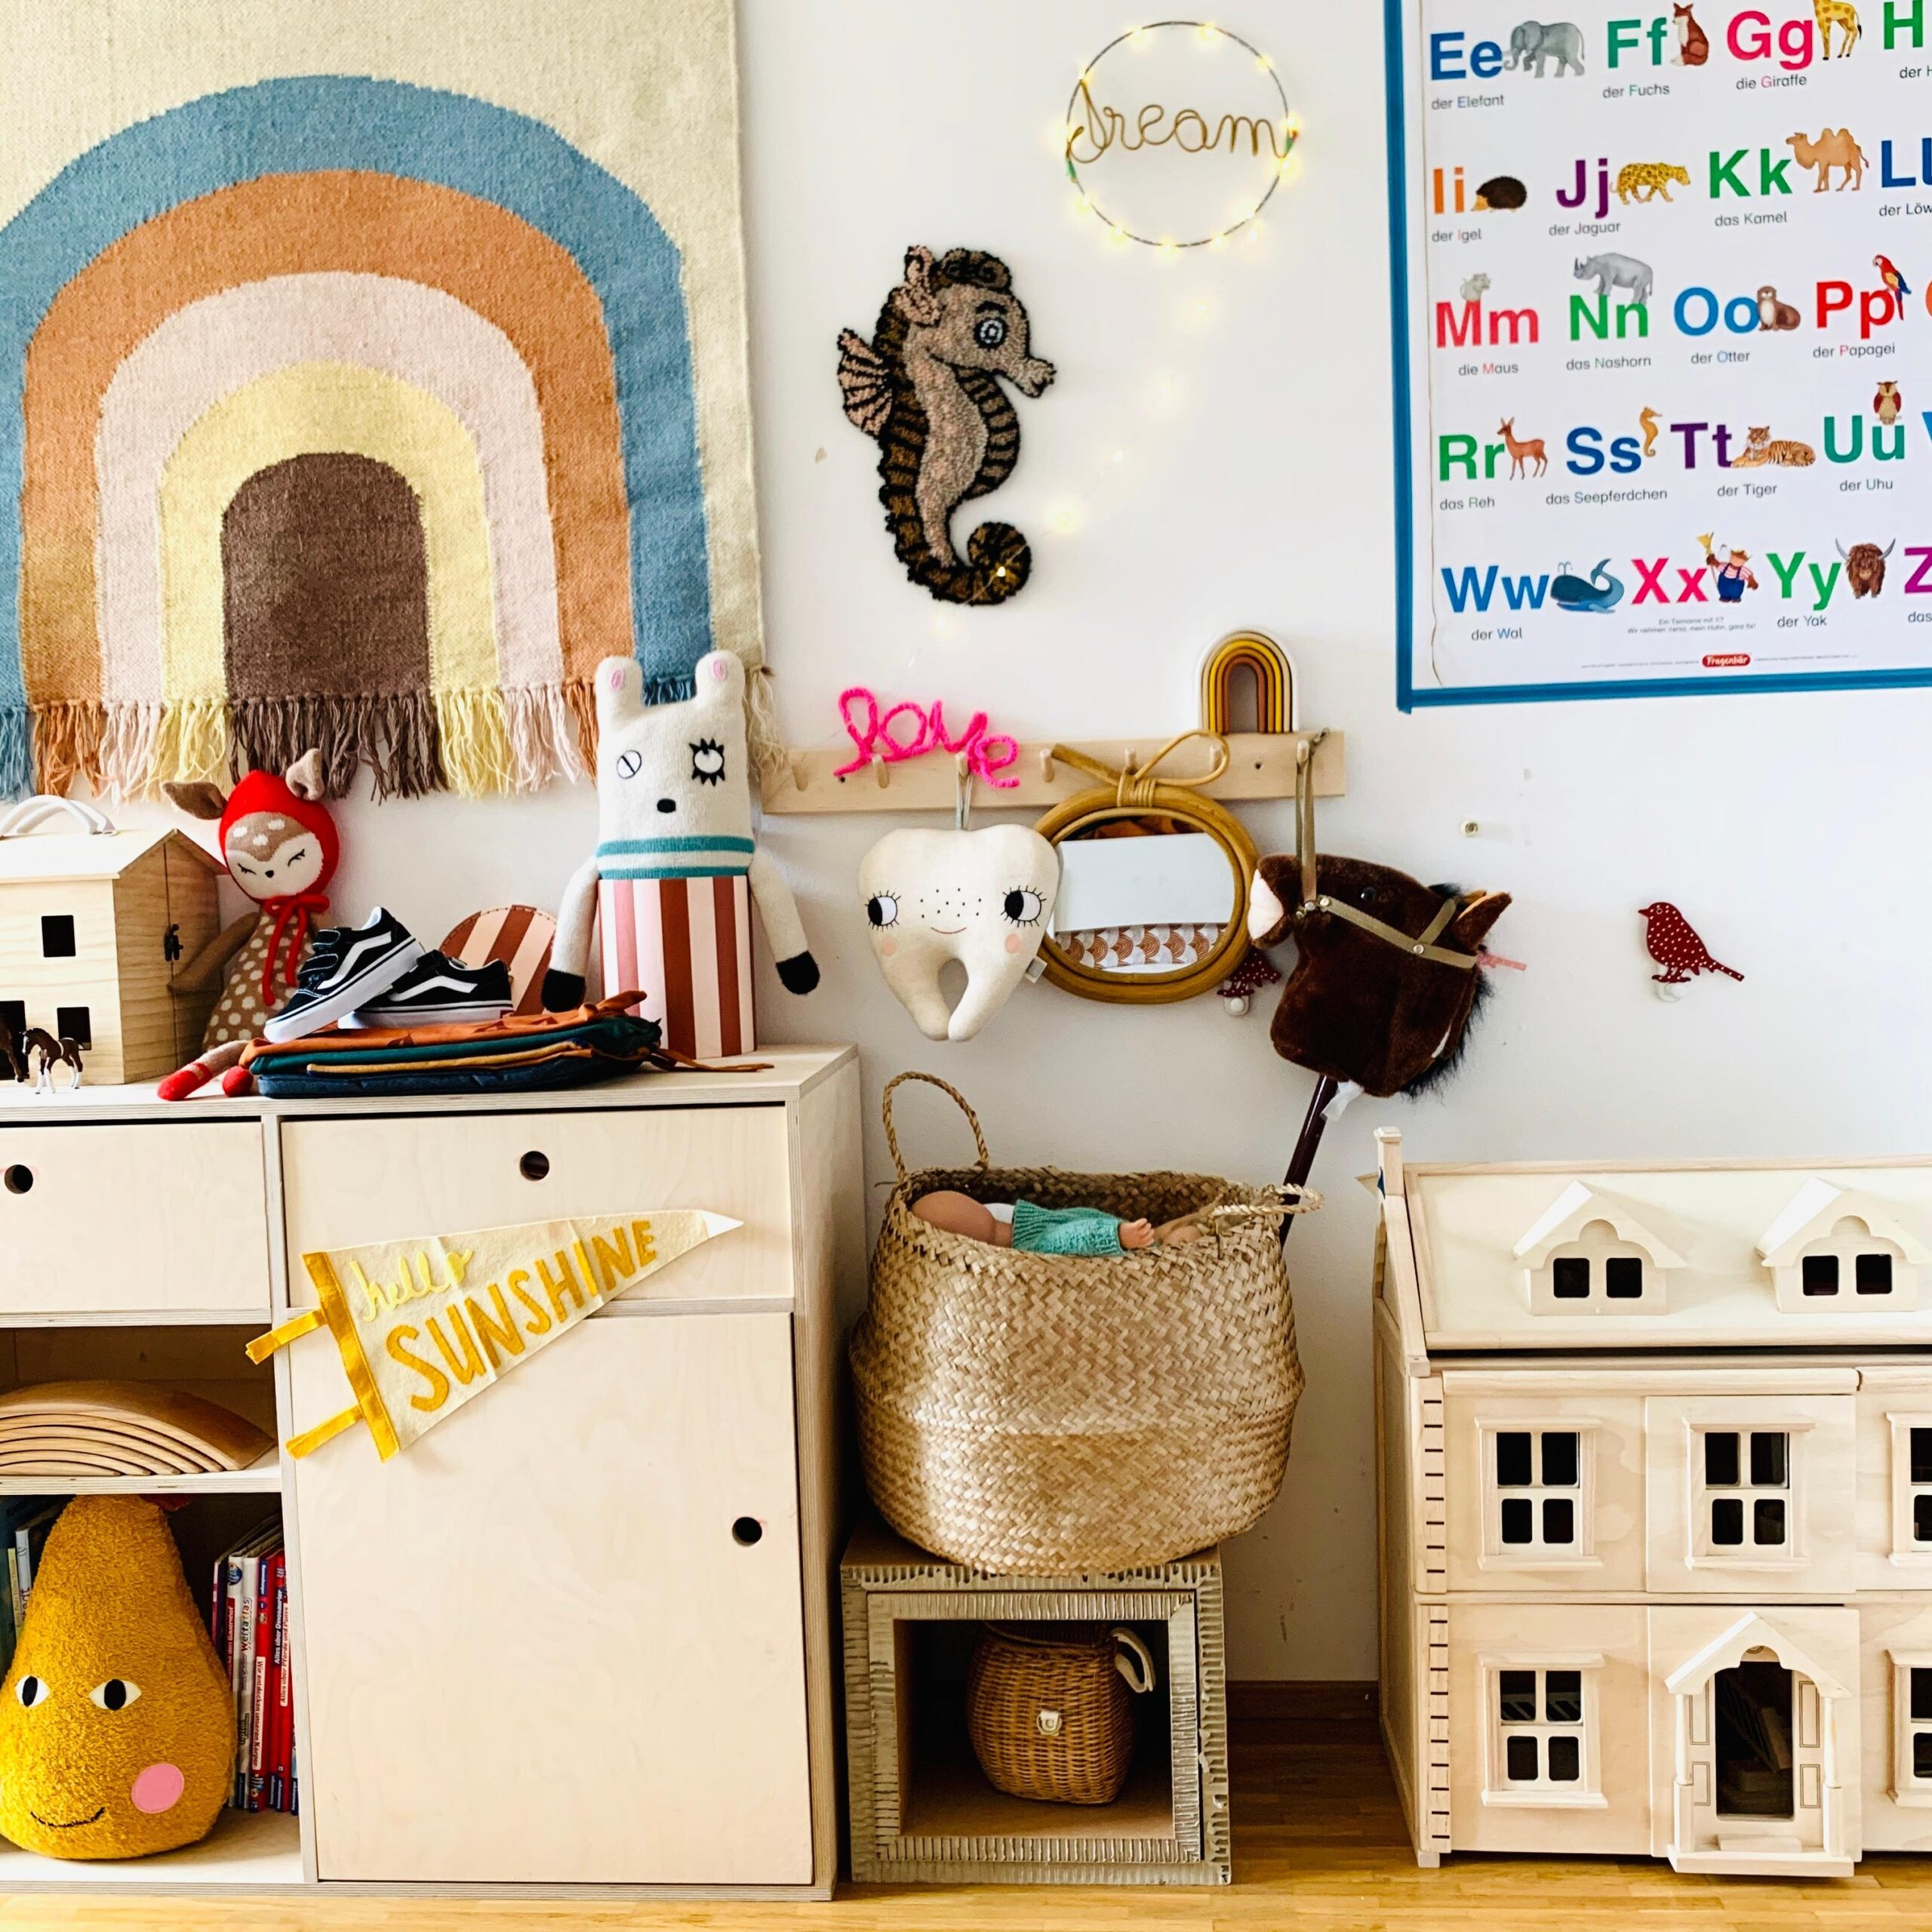 Full Size of Aufbewahrungsboxen Kinderzimmer Design Stapelbar Aufbewahrungsbox Ebay Mit Deckel Mint Plastik Holz Ikea Amazon Regale Regal Weiß Sofa Kinderzimmer Aufbewahrungsboxen Kinderzimmer